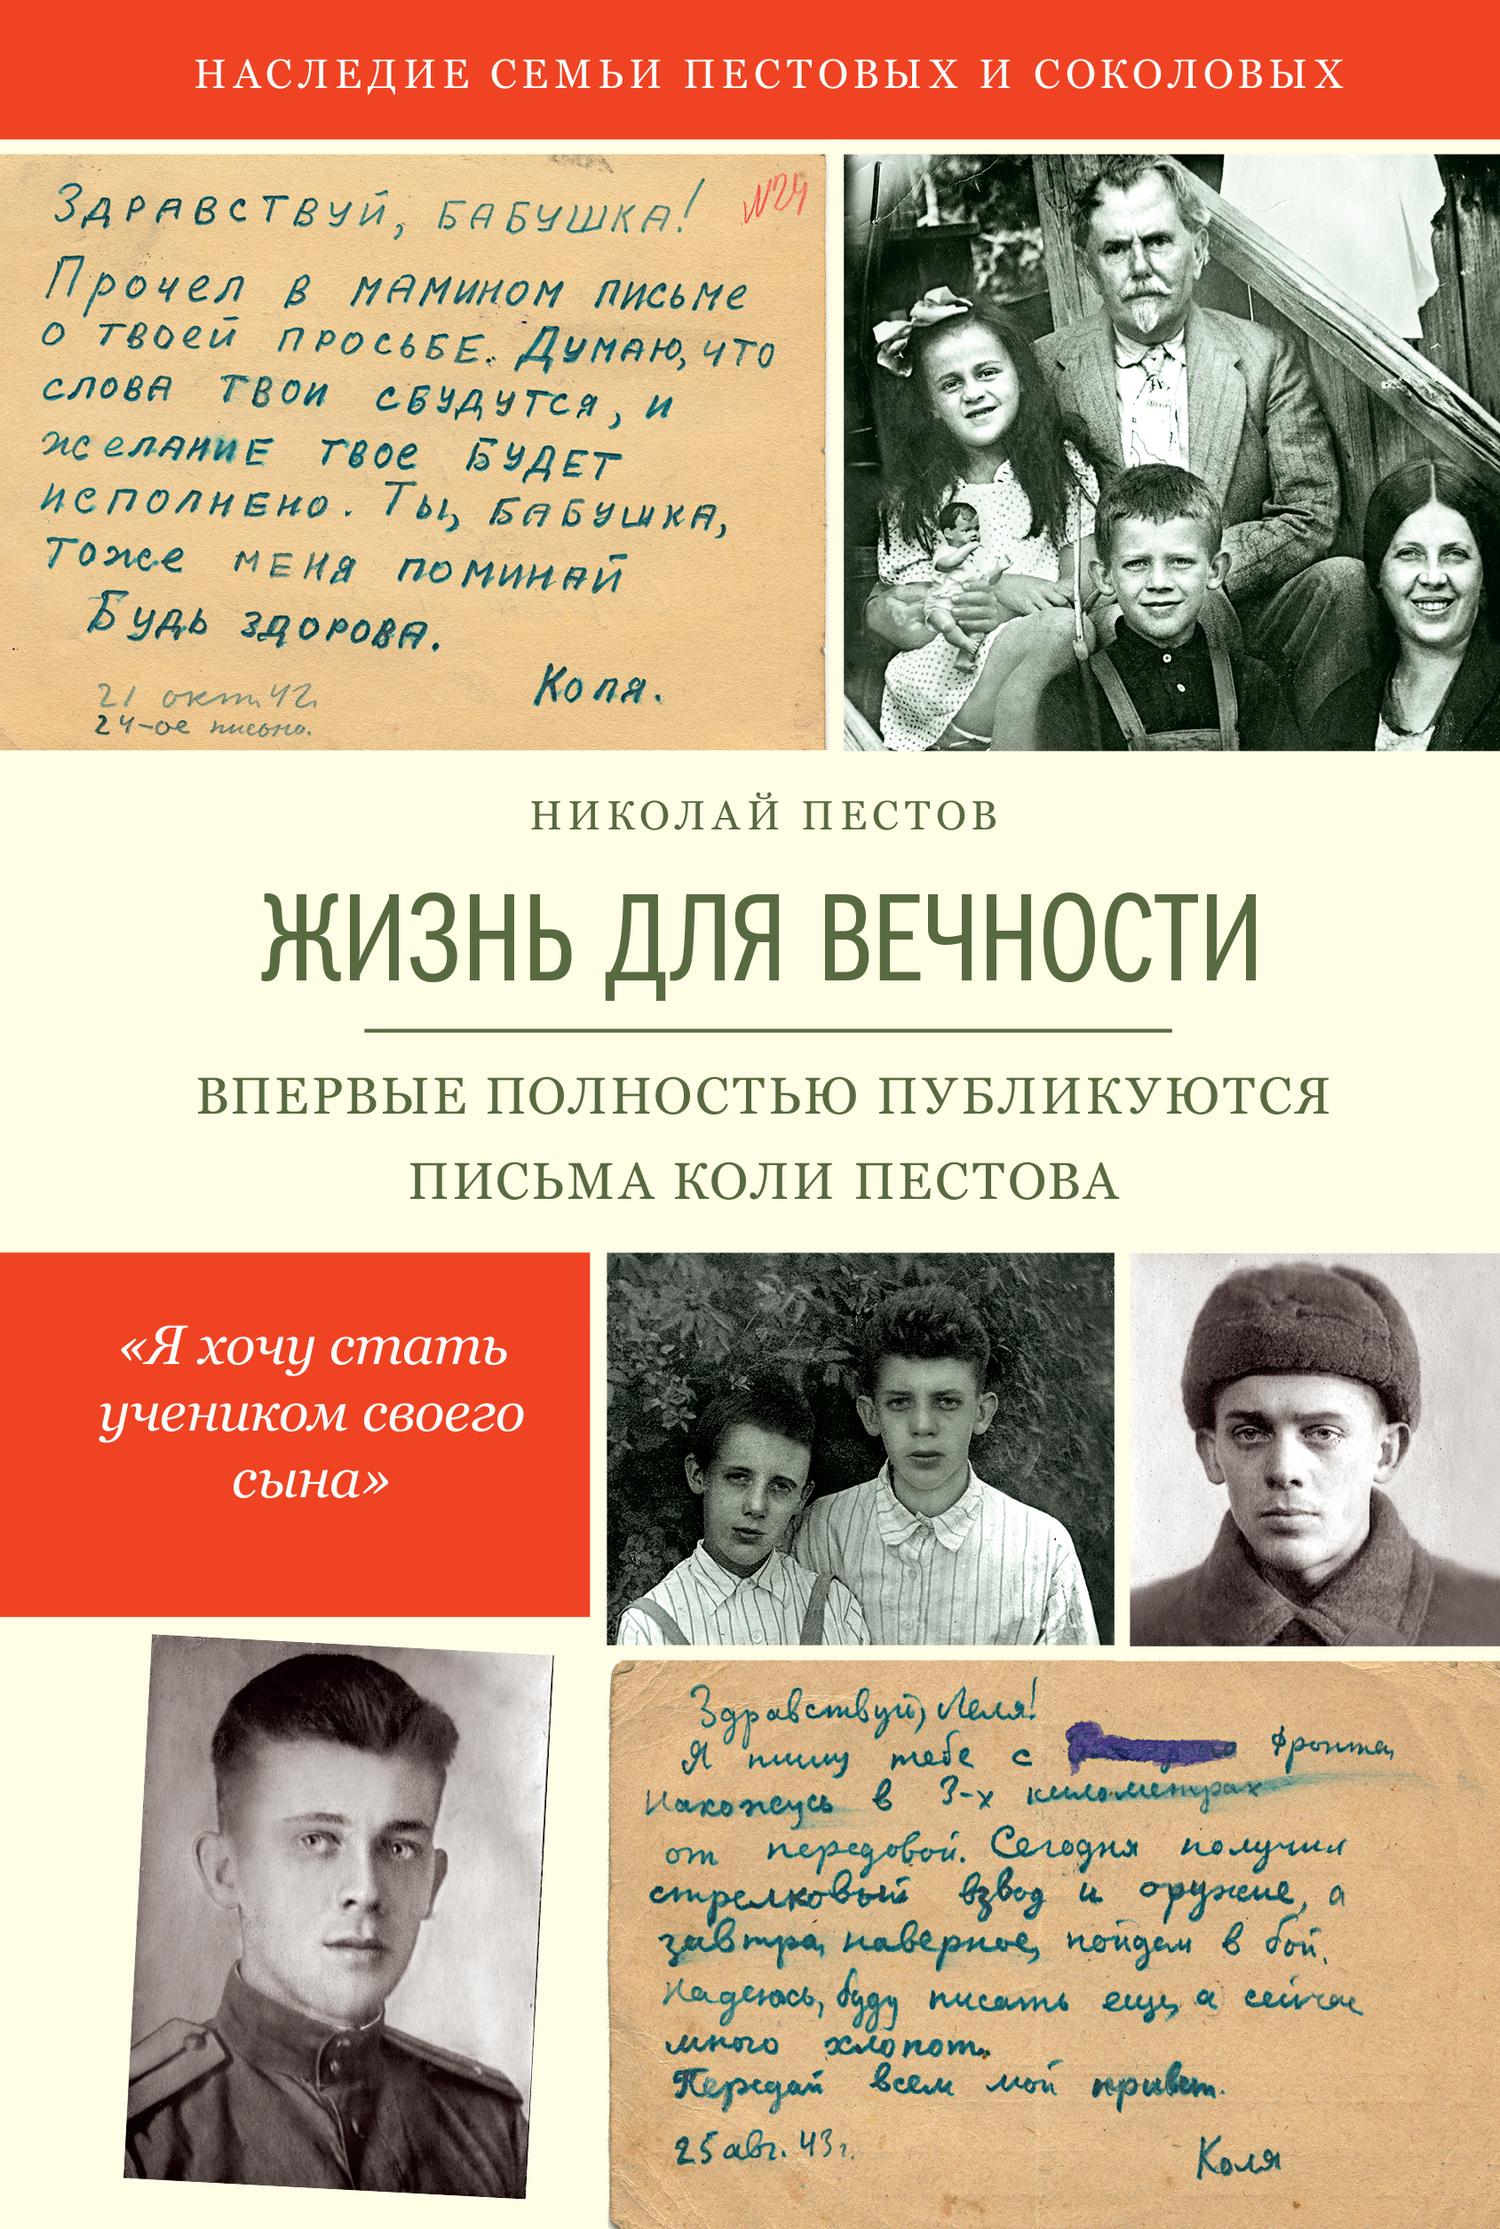 Николай Пестов - Жизнь для вечности